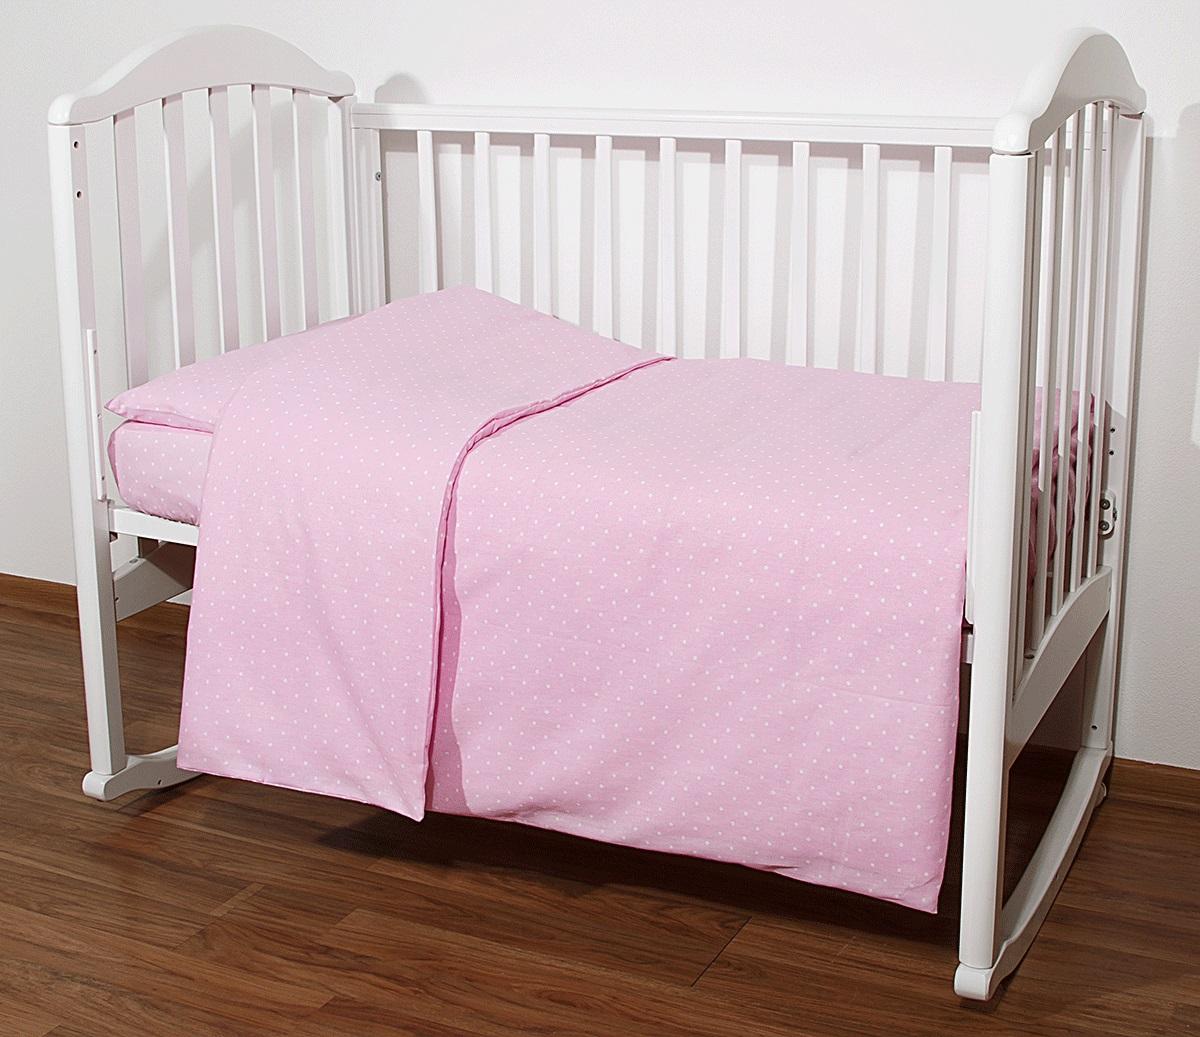 Baby Nice Комплект белья для новорожденных Горох цвет розовыйС1112Постельное бельё, сшито из качественной бязи импортного производства.Бельё не деформируется, цвет не выстирывается. наволочка 40х60, пододеяльник 112х147,простынь 60х120